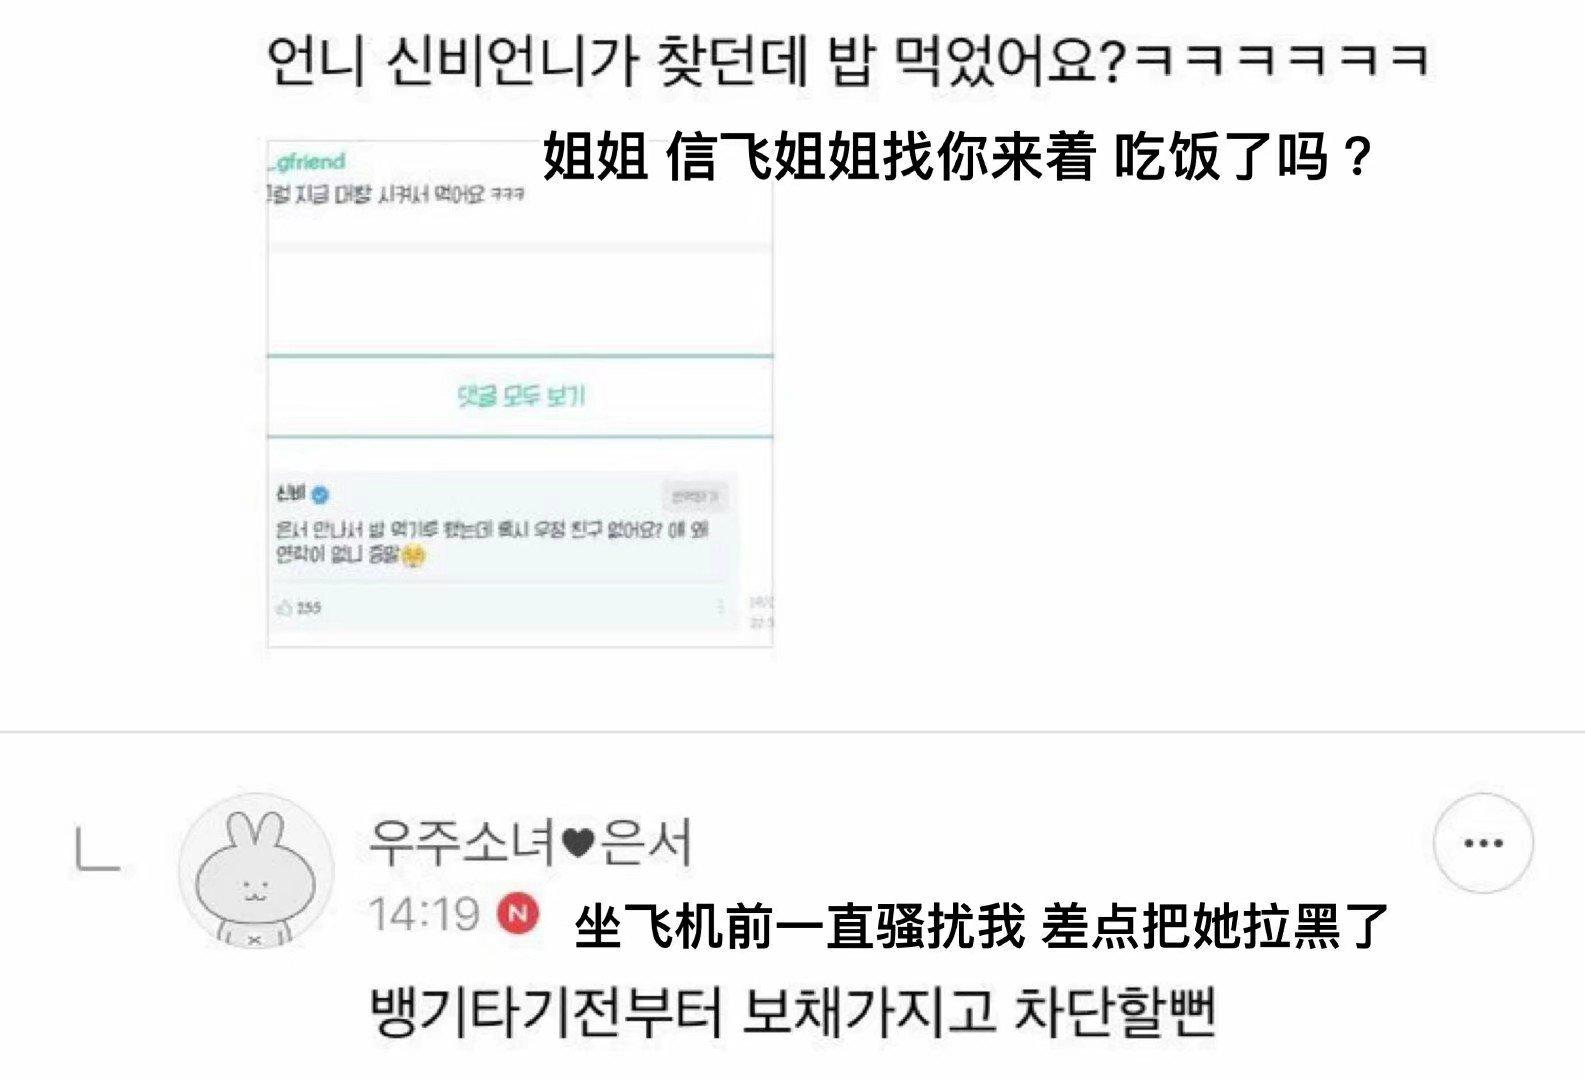 [閒聊] 信飛與恩熙特別的連絡方式 - 看板 KoreaStar - 批踢踢實業坊